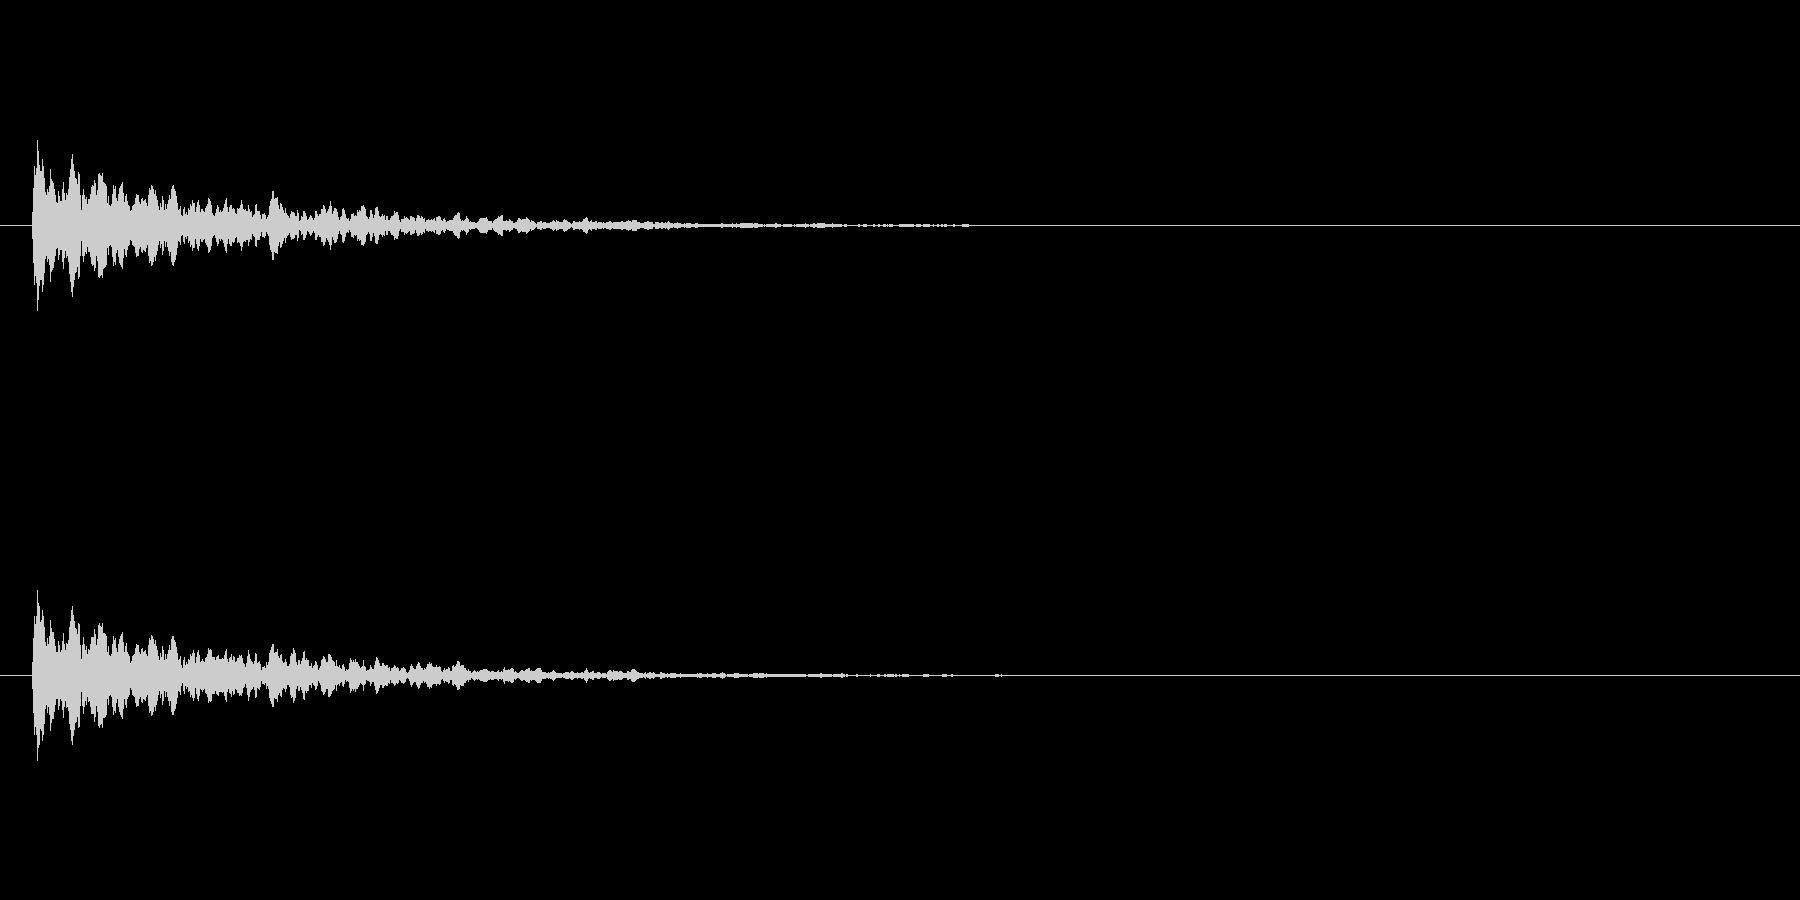 【アクセント09-2】の未再生の波形